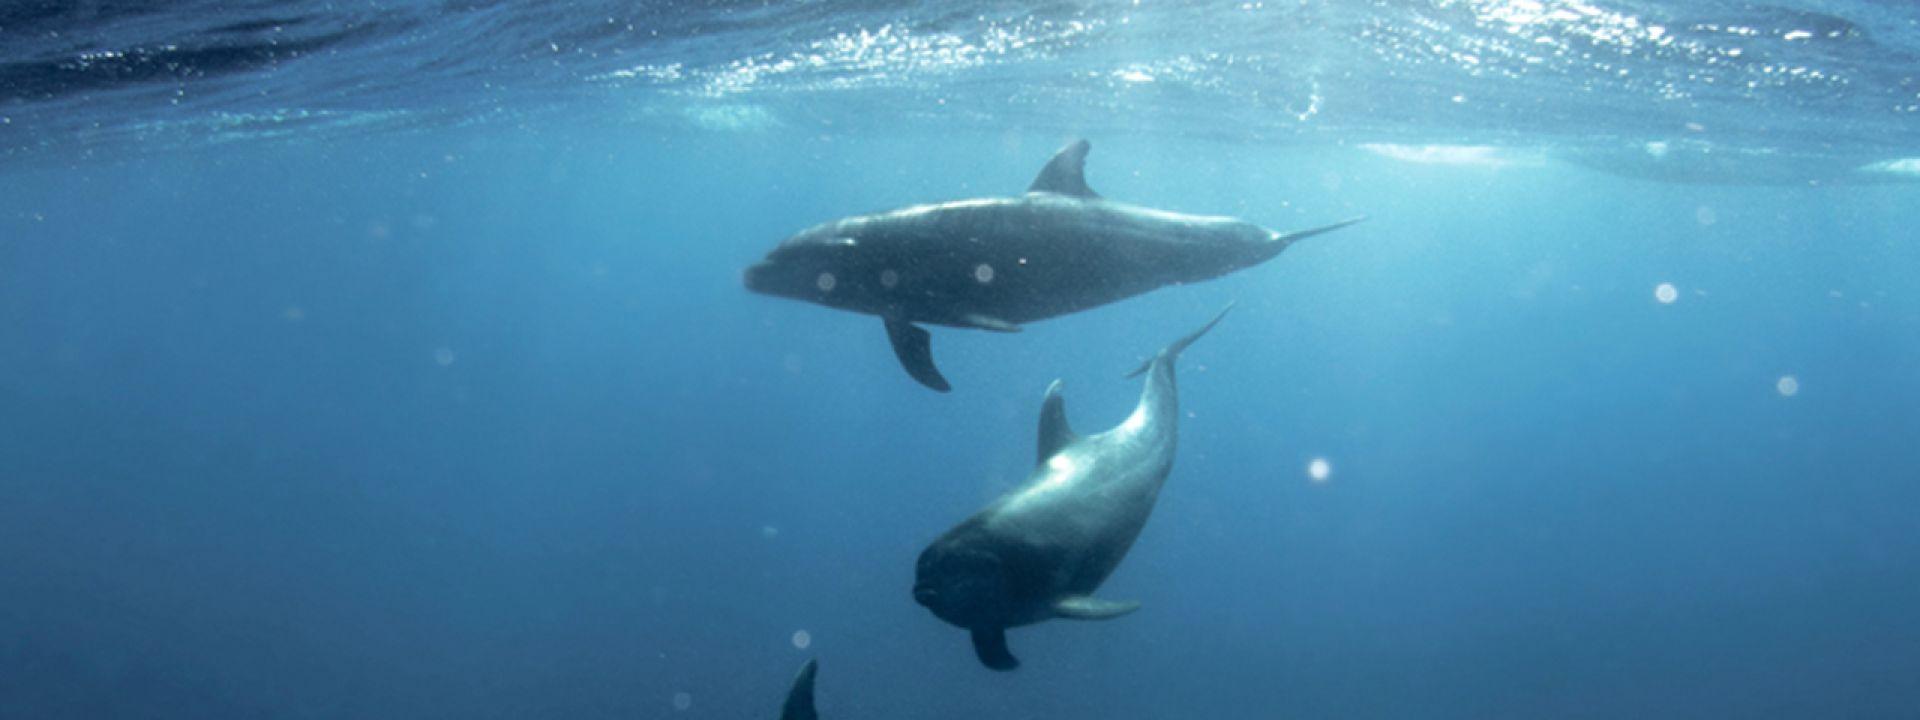 Φωτογραφία που απεικονίζει δελφίνια στον βυθό